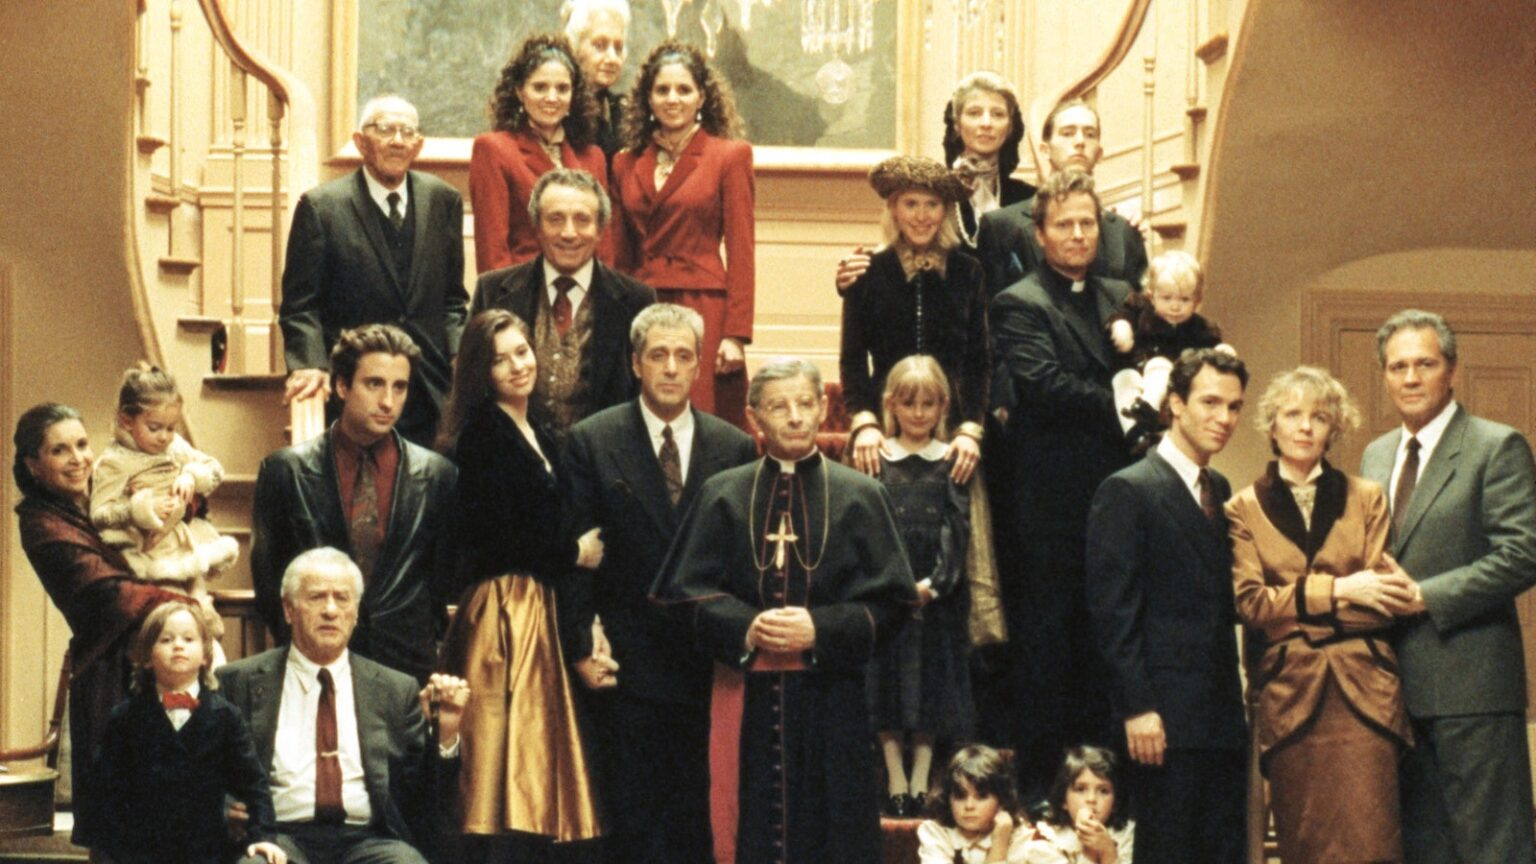 اگر چه The Godfather Part III را ضعیف ترین قسمت فرانچایز مافیایی کوپولا می دانند اما کارگردان فیلم به طور رسمی نسخه ای جدید از این فیلم را منتشر می کند.